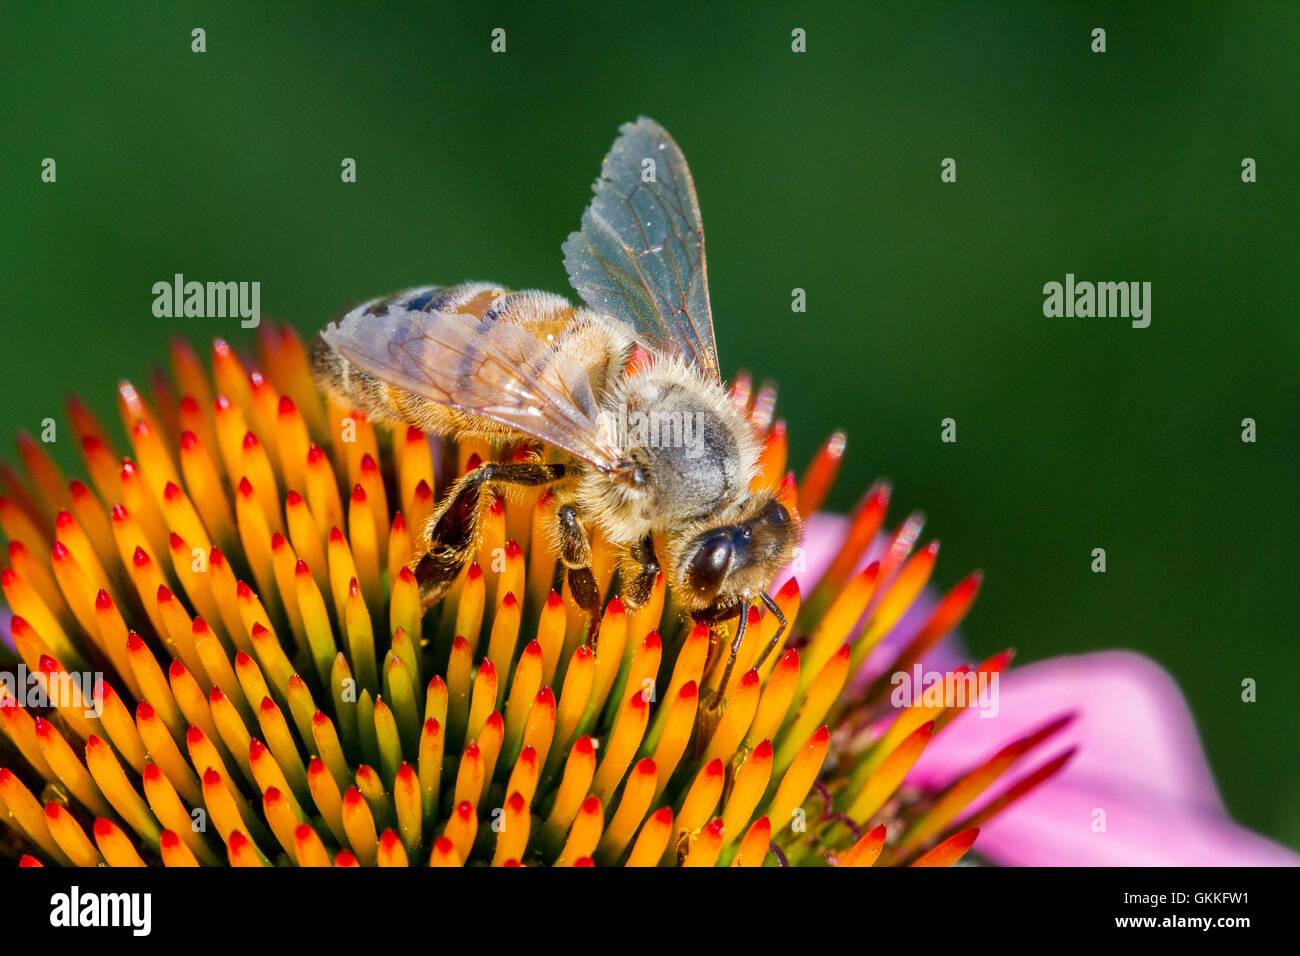 Bienen bestäuben eine Blume Stockbild